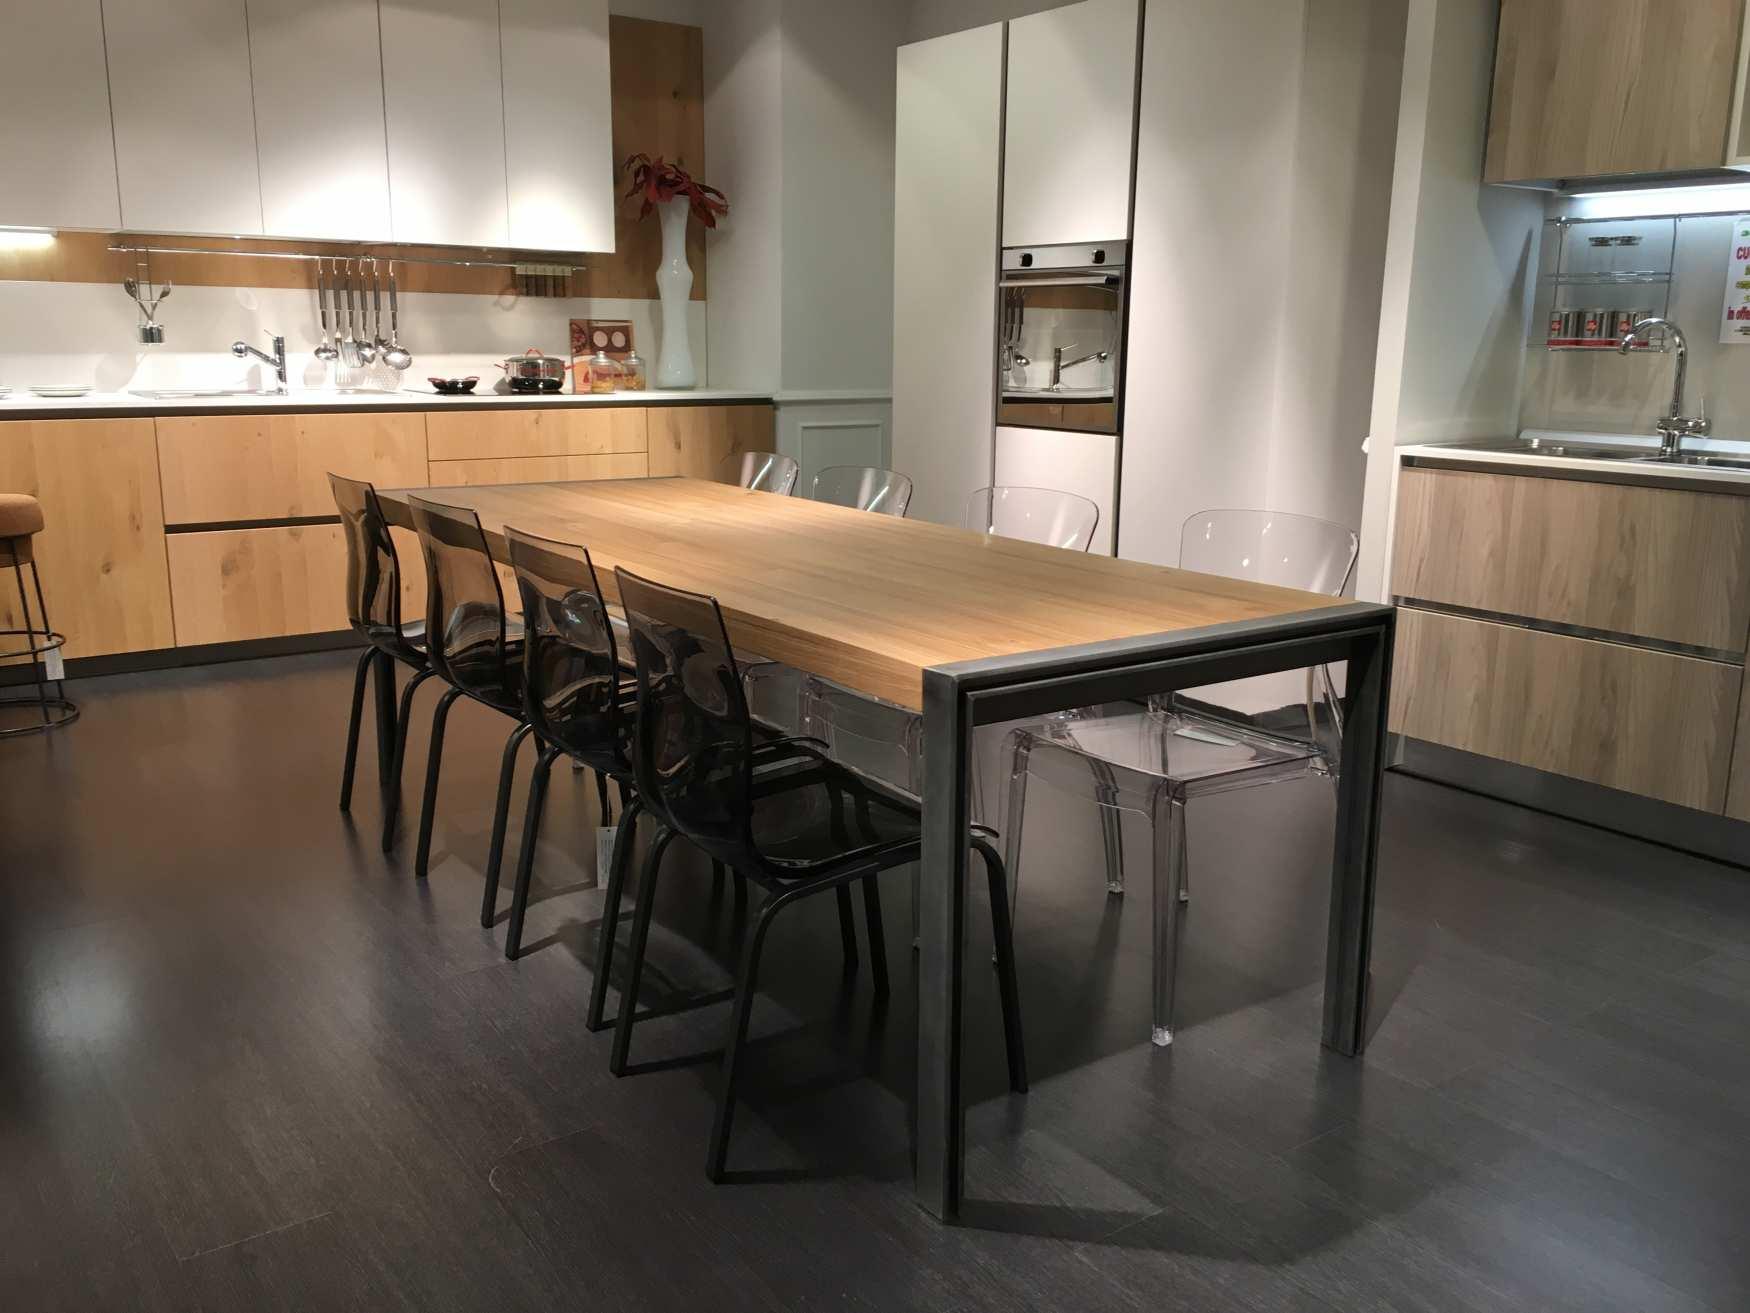 Ampi spazi per i mobili di milanomondo da arredamenti diotti milanomondo - Tavoli design famosi ...